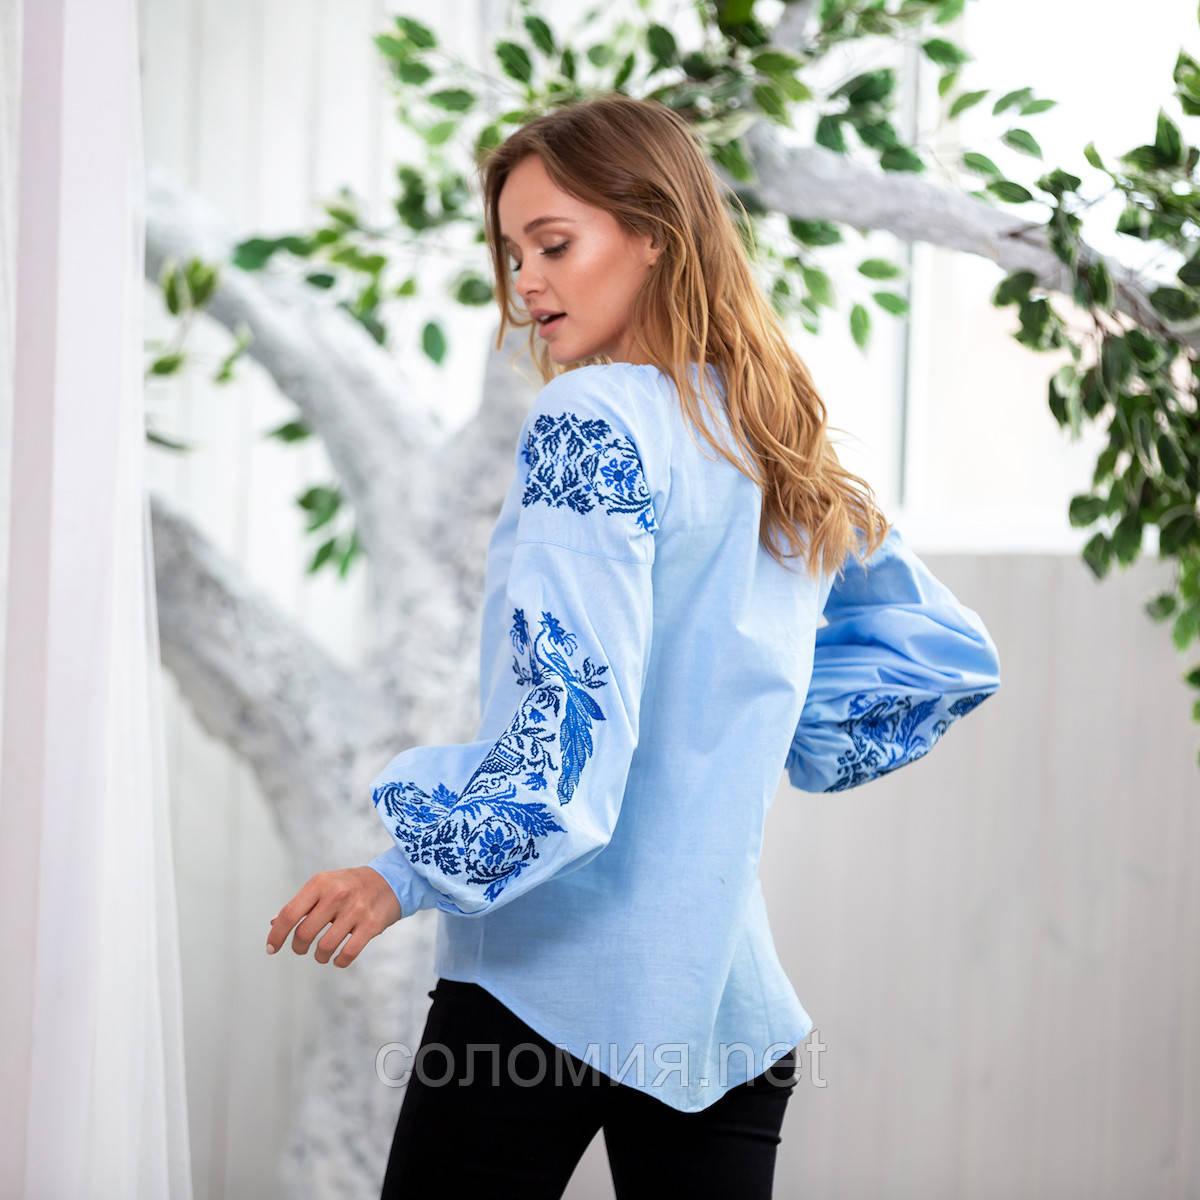 Нежная женская вышитая блуза из натуральной ткани. Вышиванка